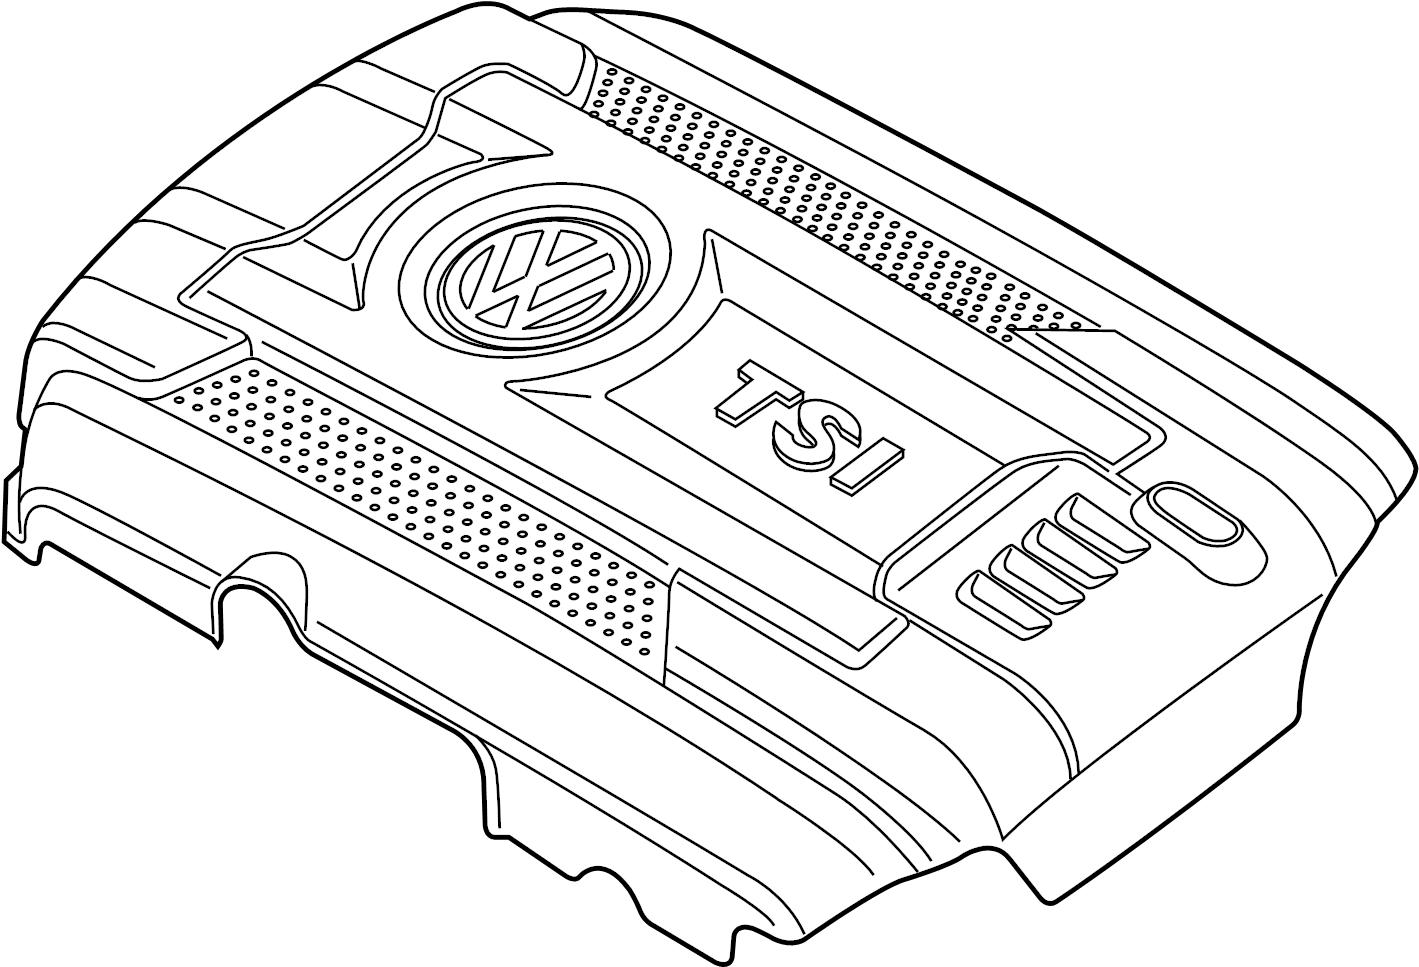 2003 1 8 volkswagon passat engine diagram